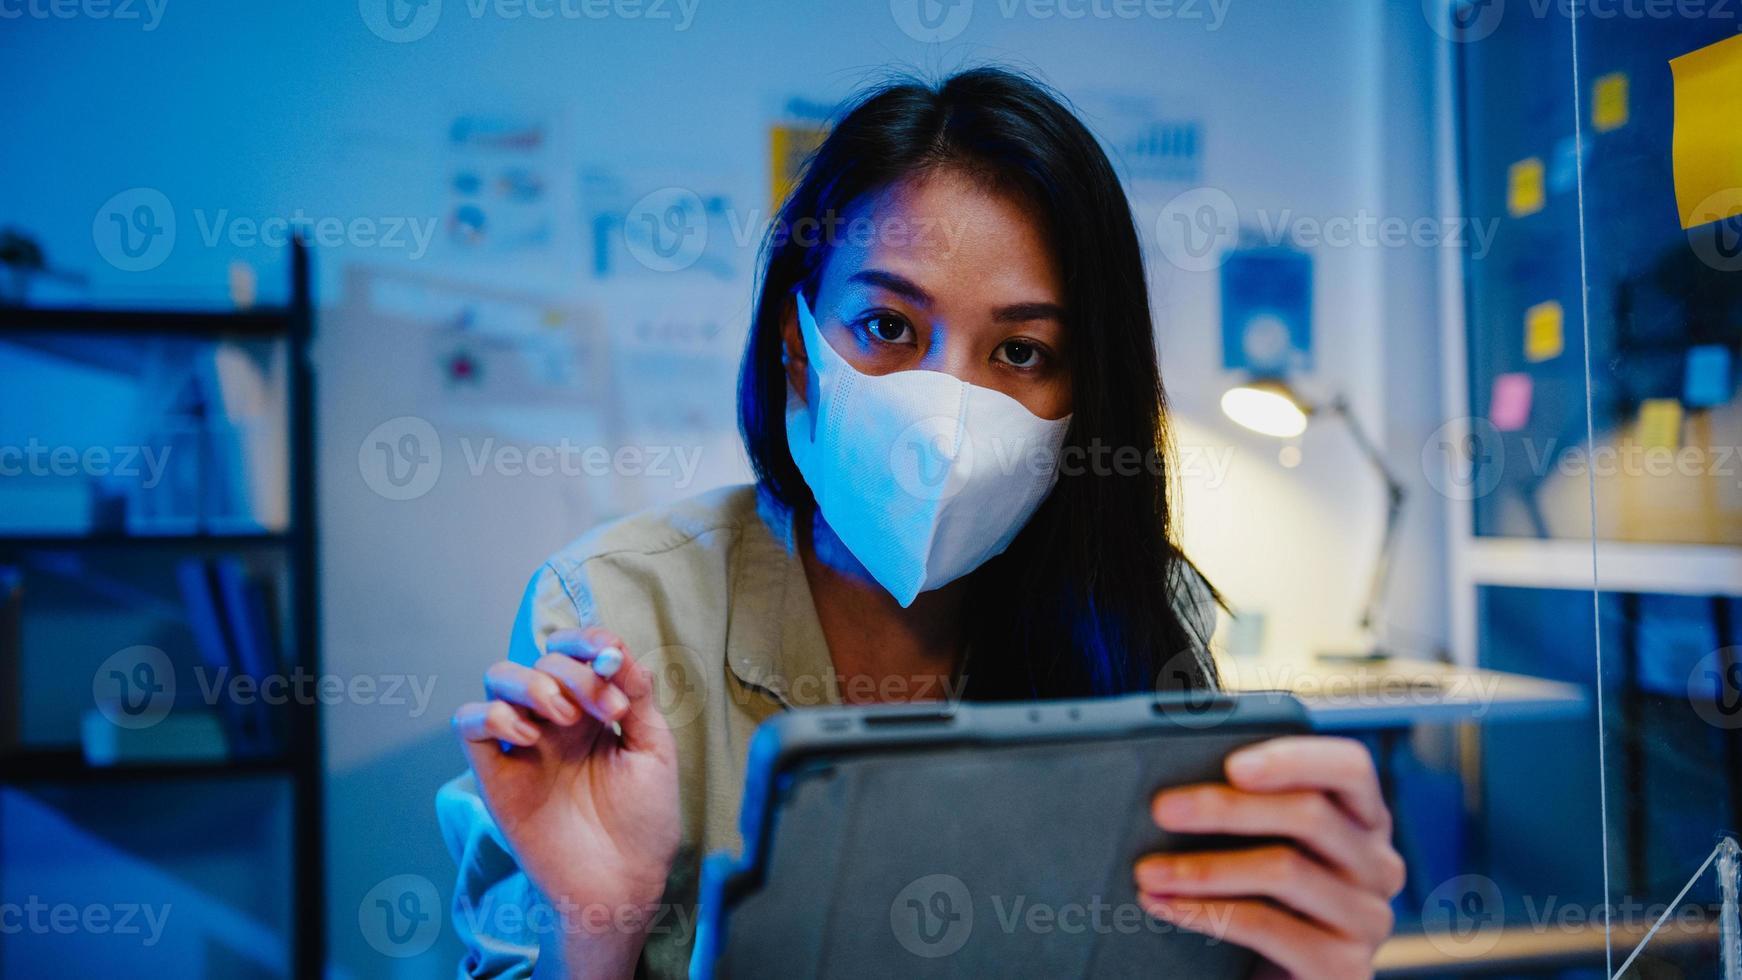 Ásia empresária usa máscara facial distanciamento social em situação de prevenção de vírus, olhando para a apresentação da câmera para amigos sobre o plano de videochamada enquanto trabalha no escritório. vida após o vírus corona. foto